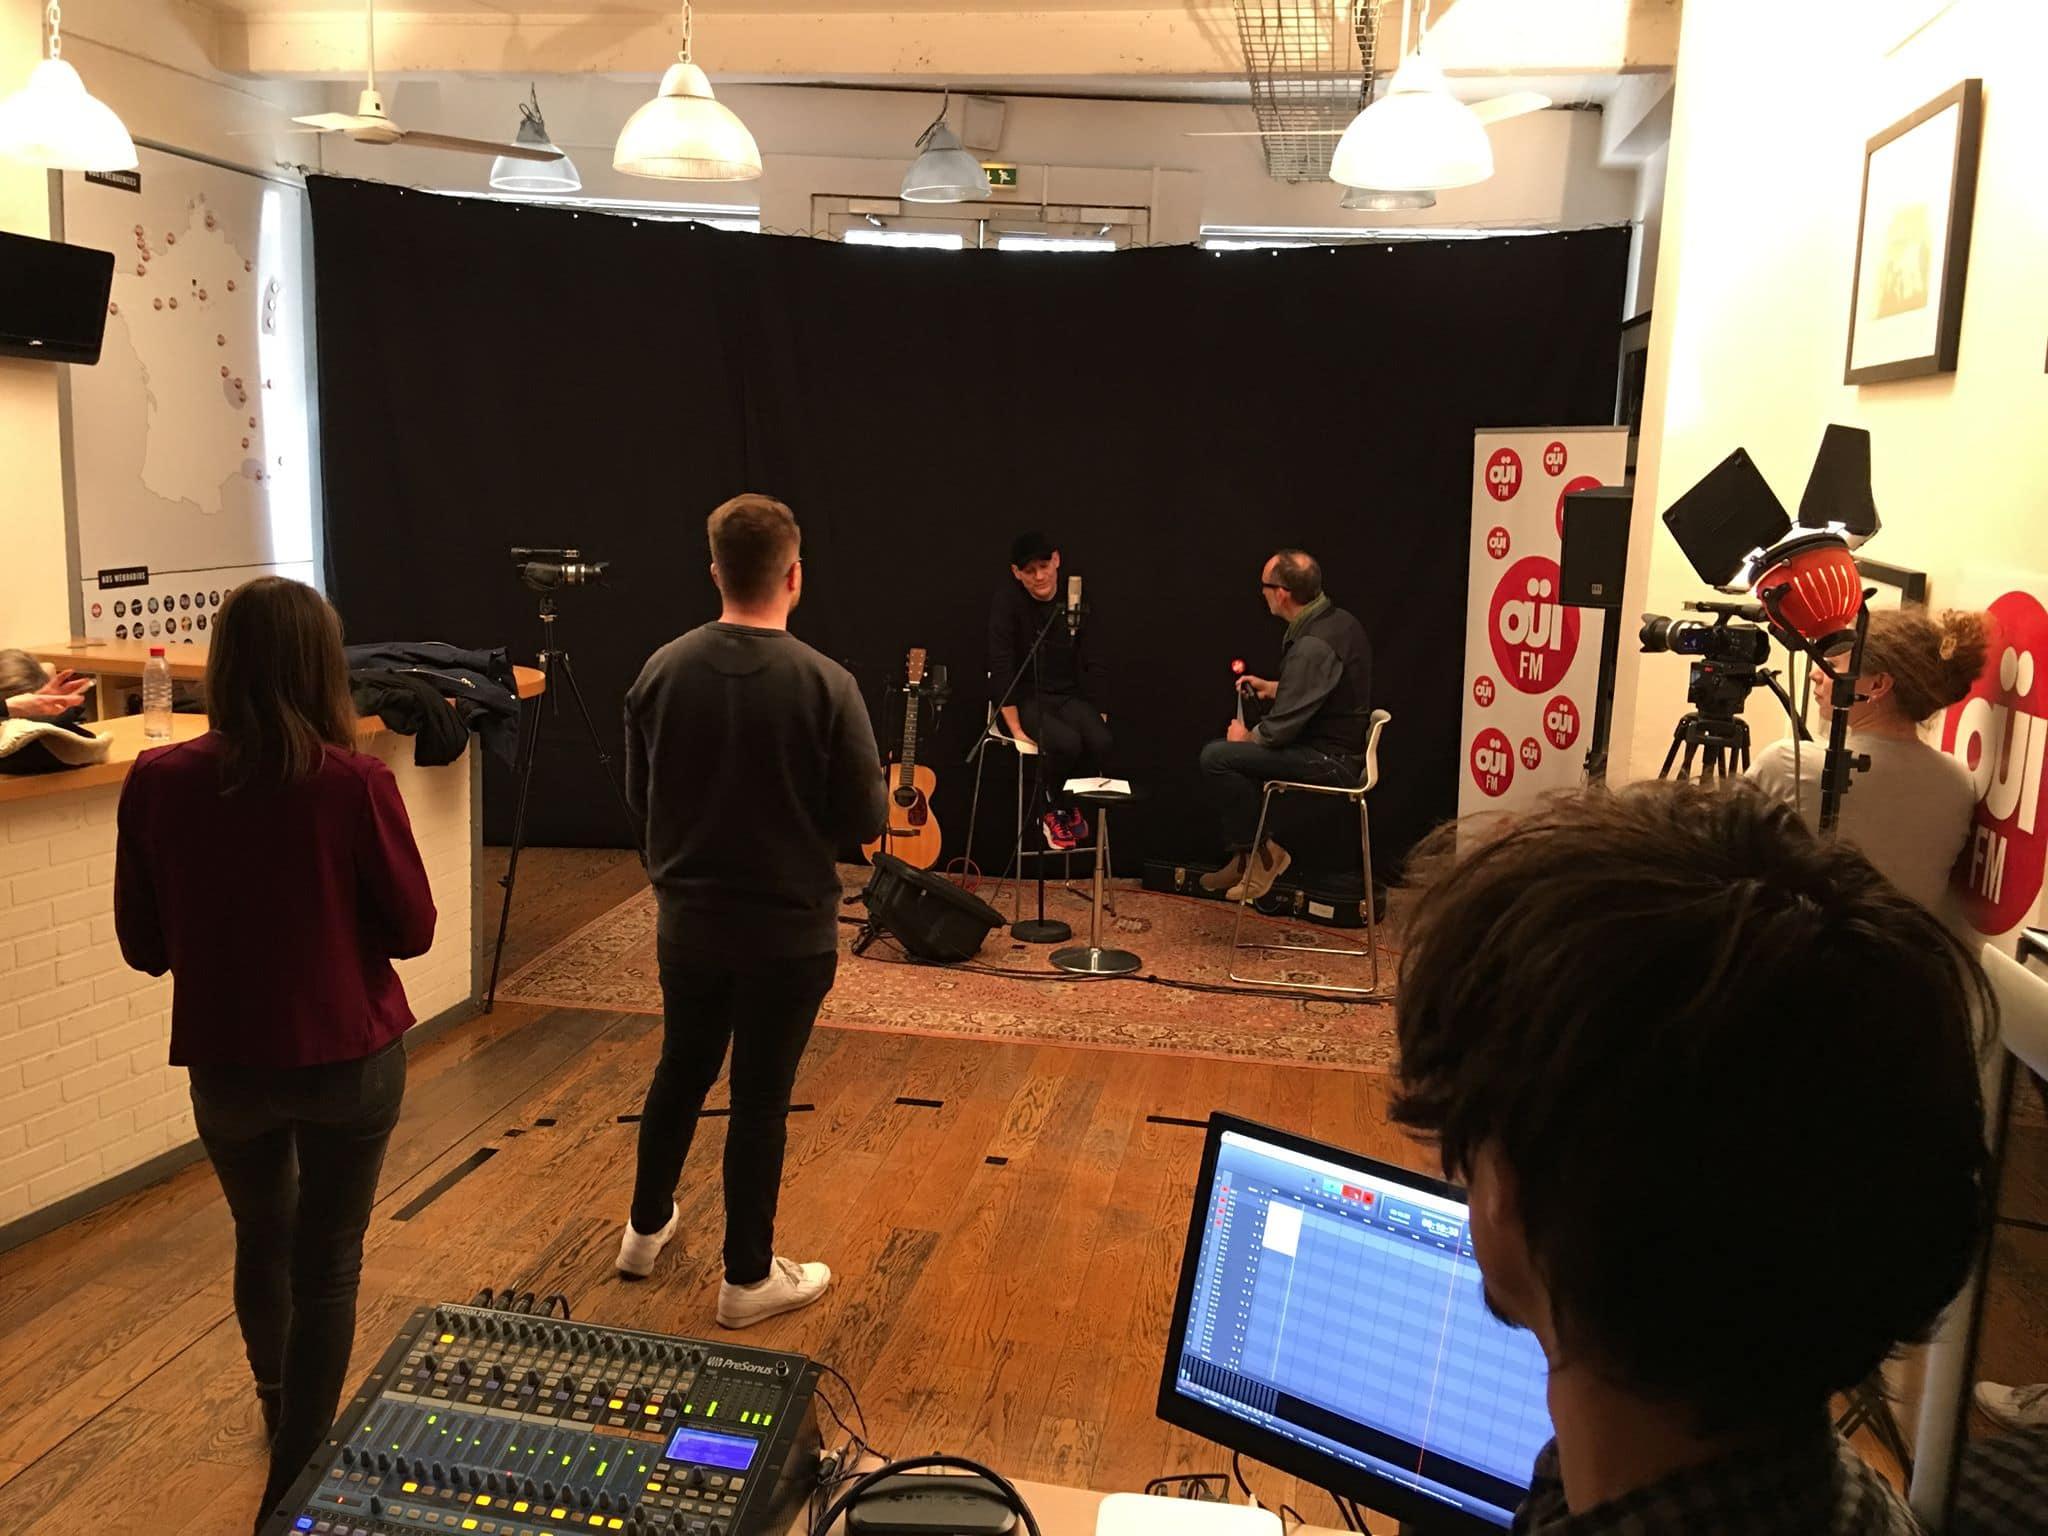 Les eleves abbey road institute paris enregistrent gaetan roussel pour Oui FM